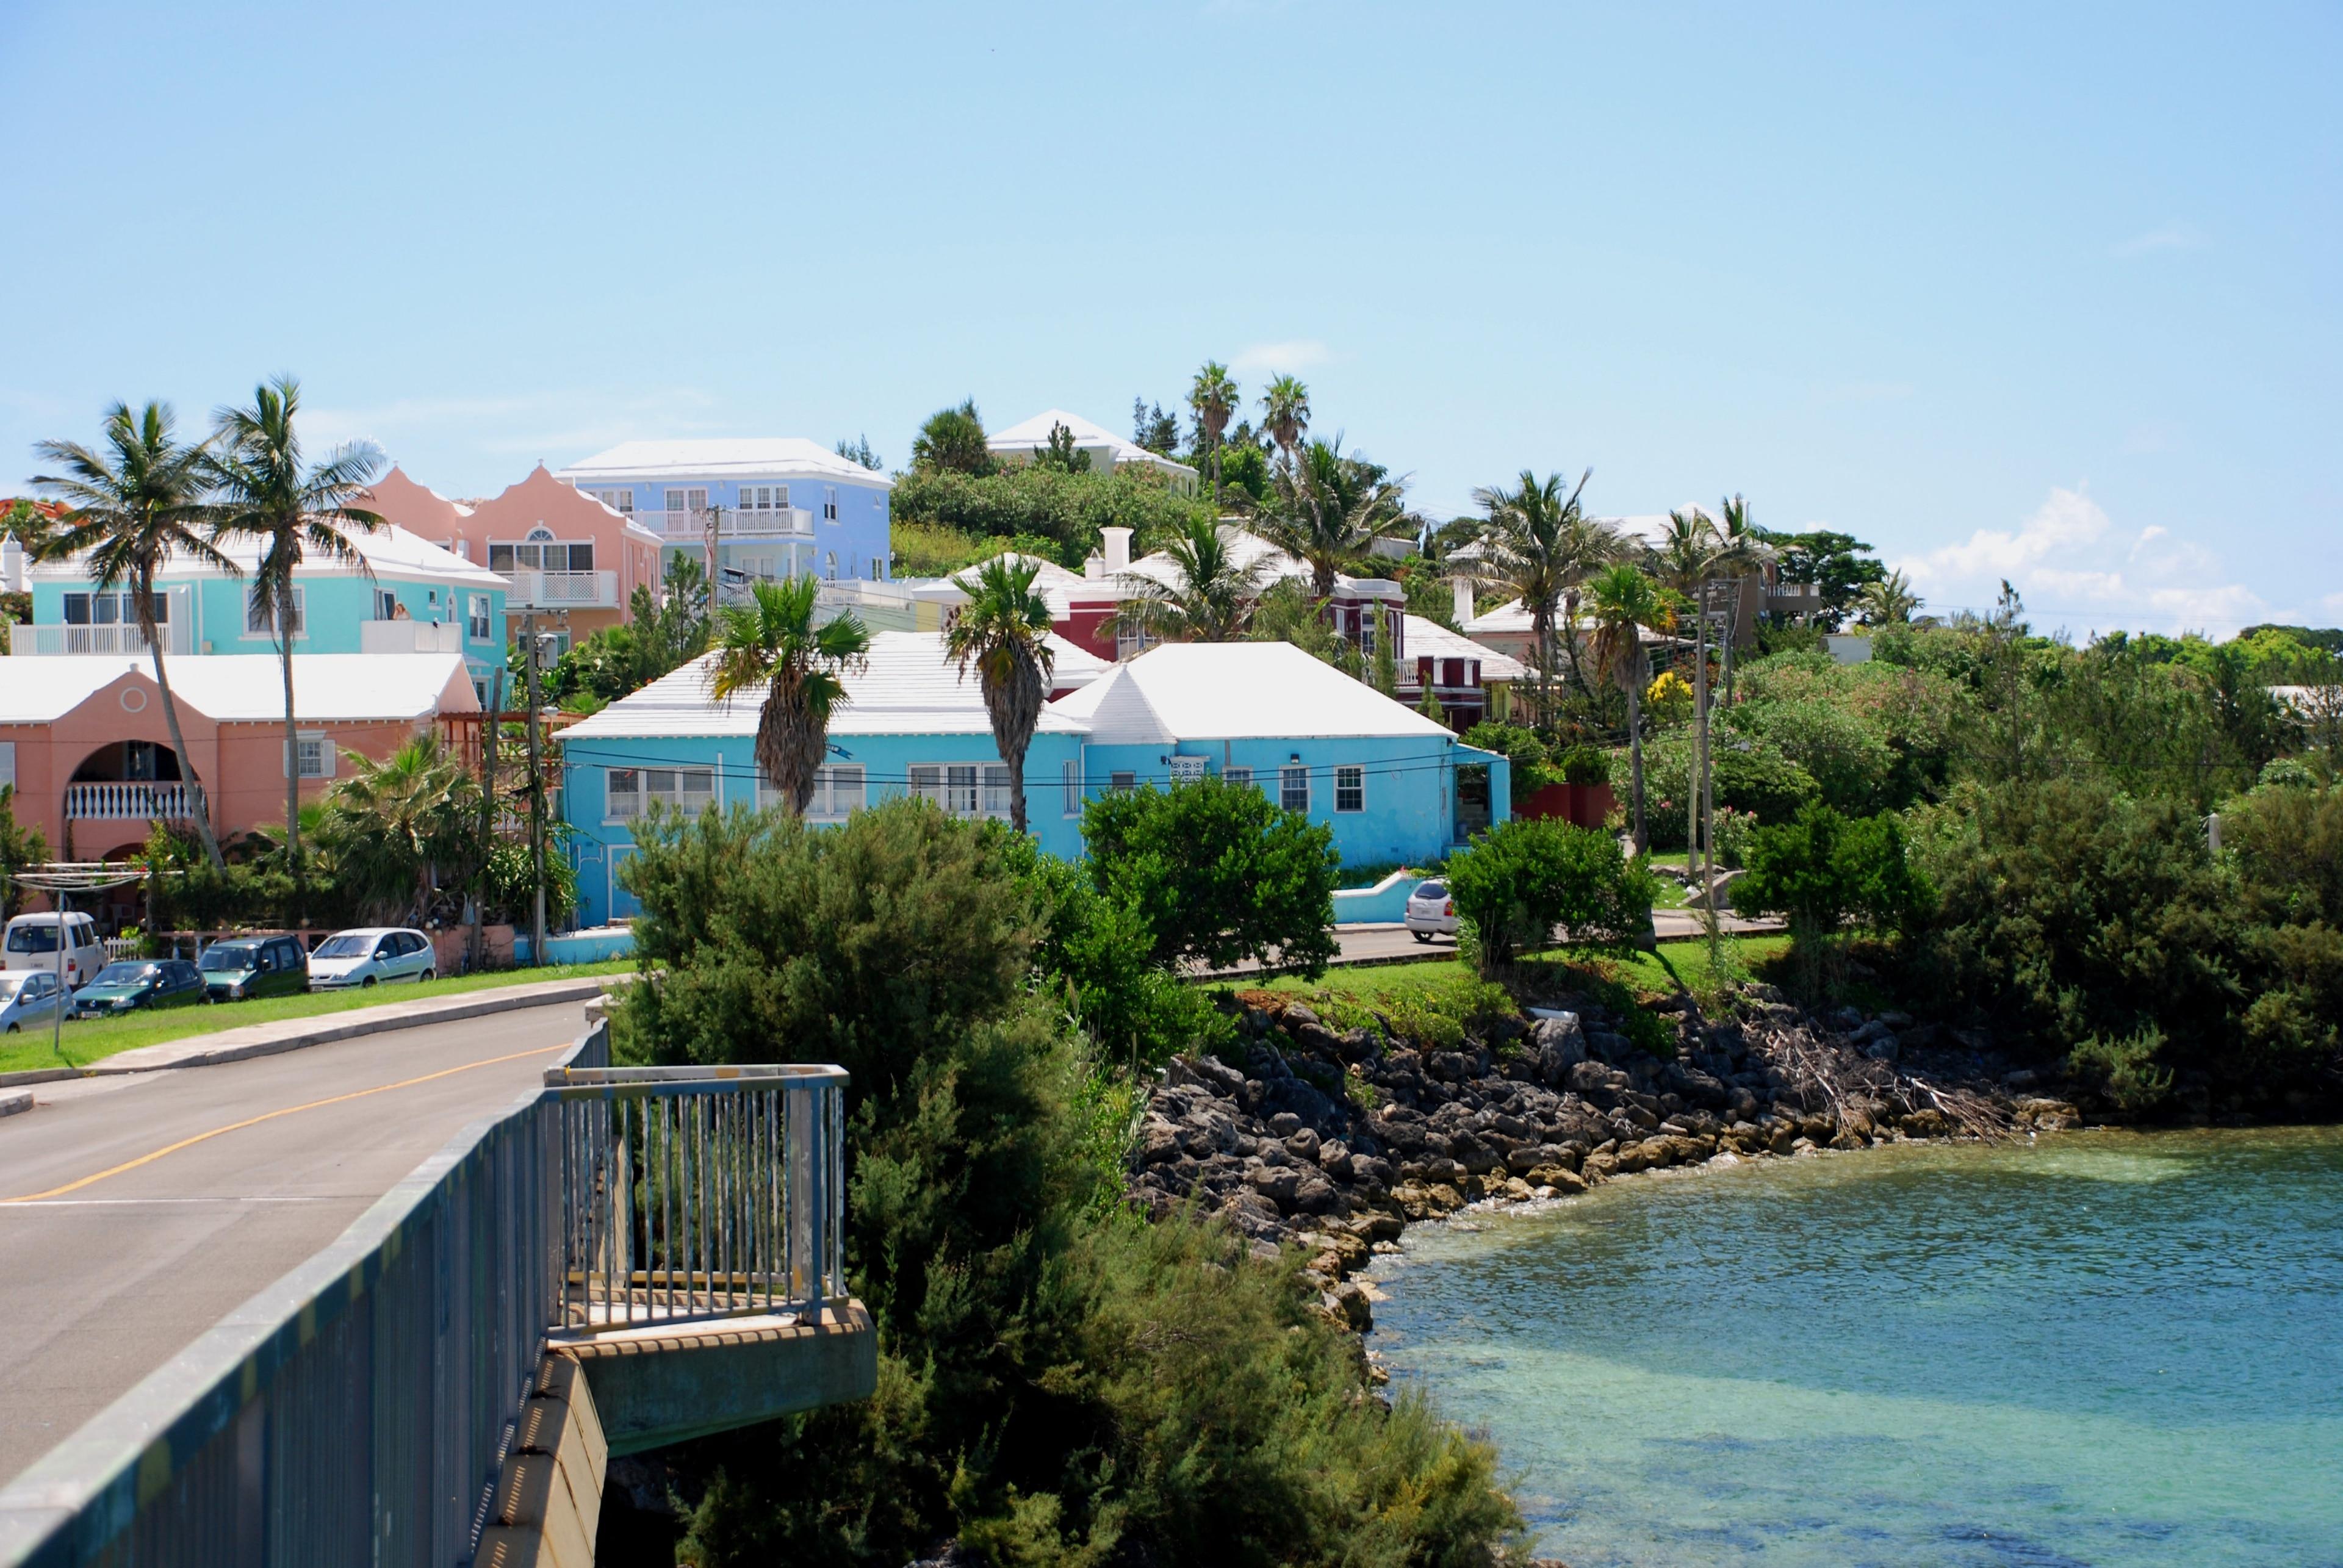 Somerset Village, Sandys Parish, Bermuda